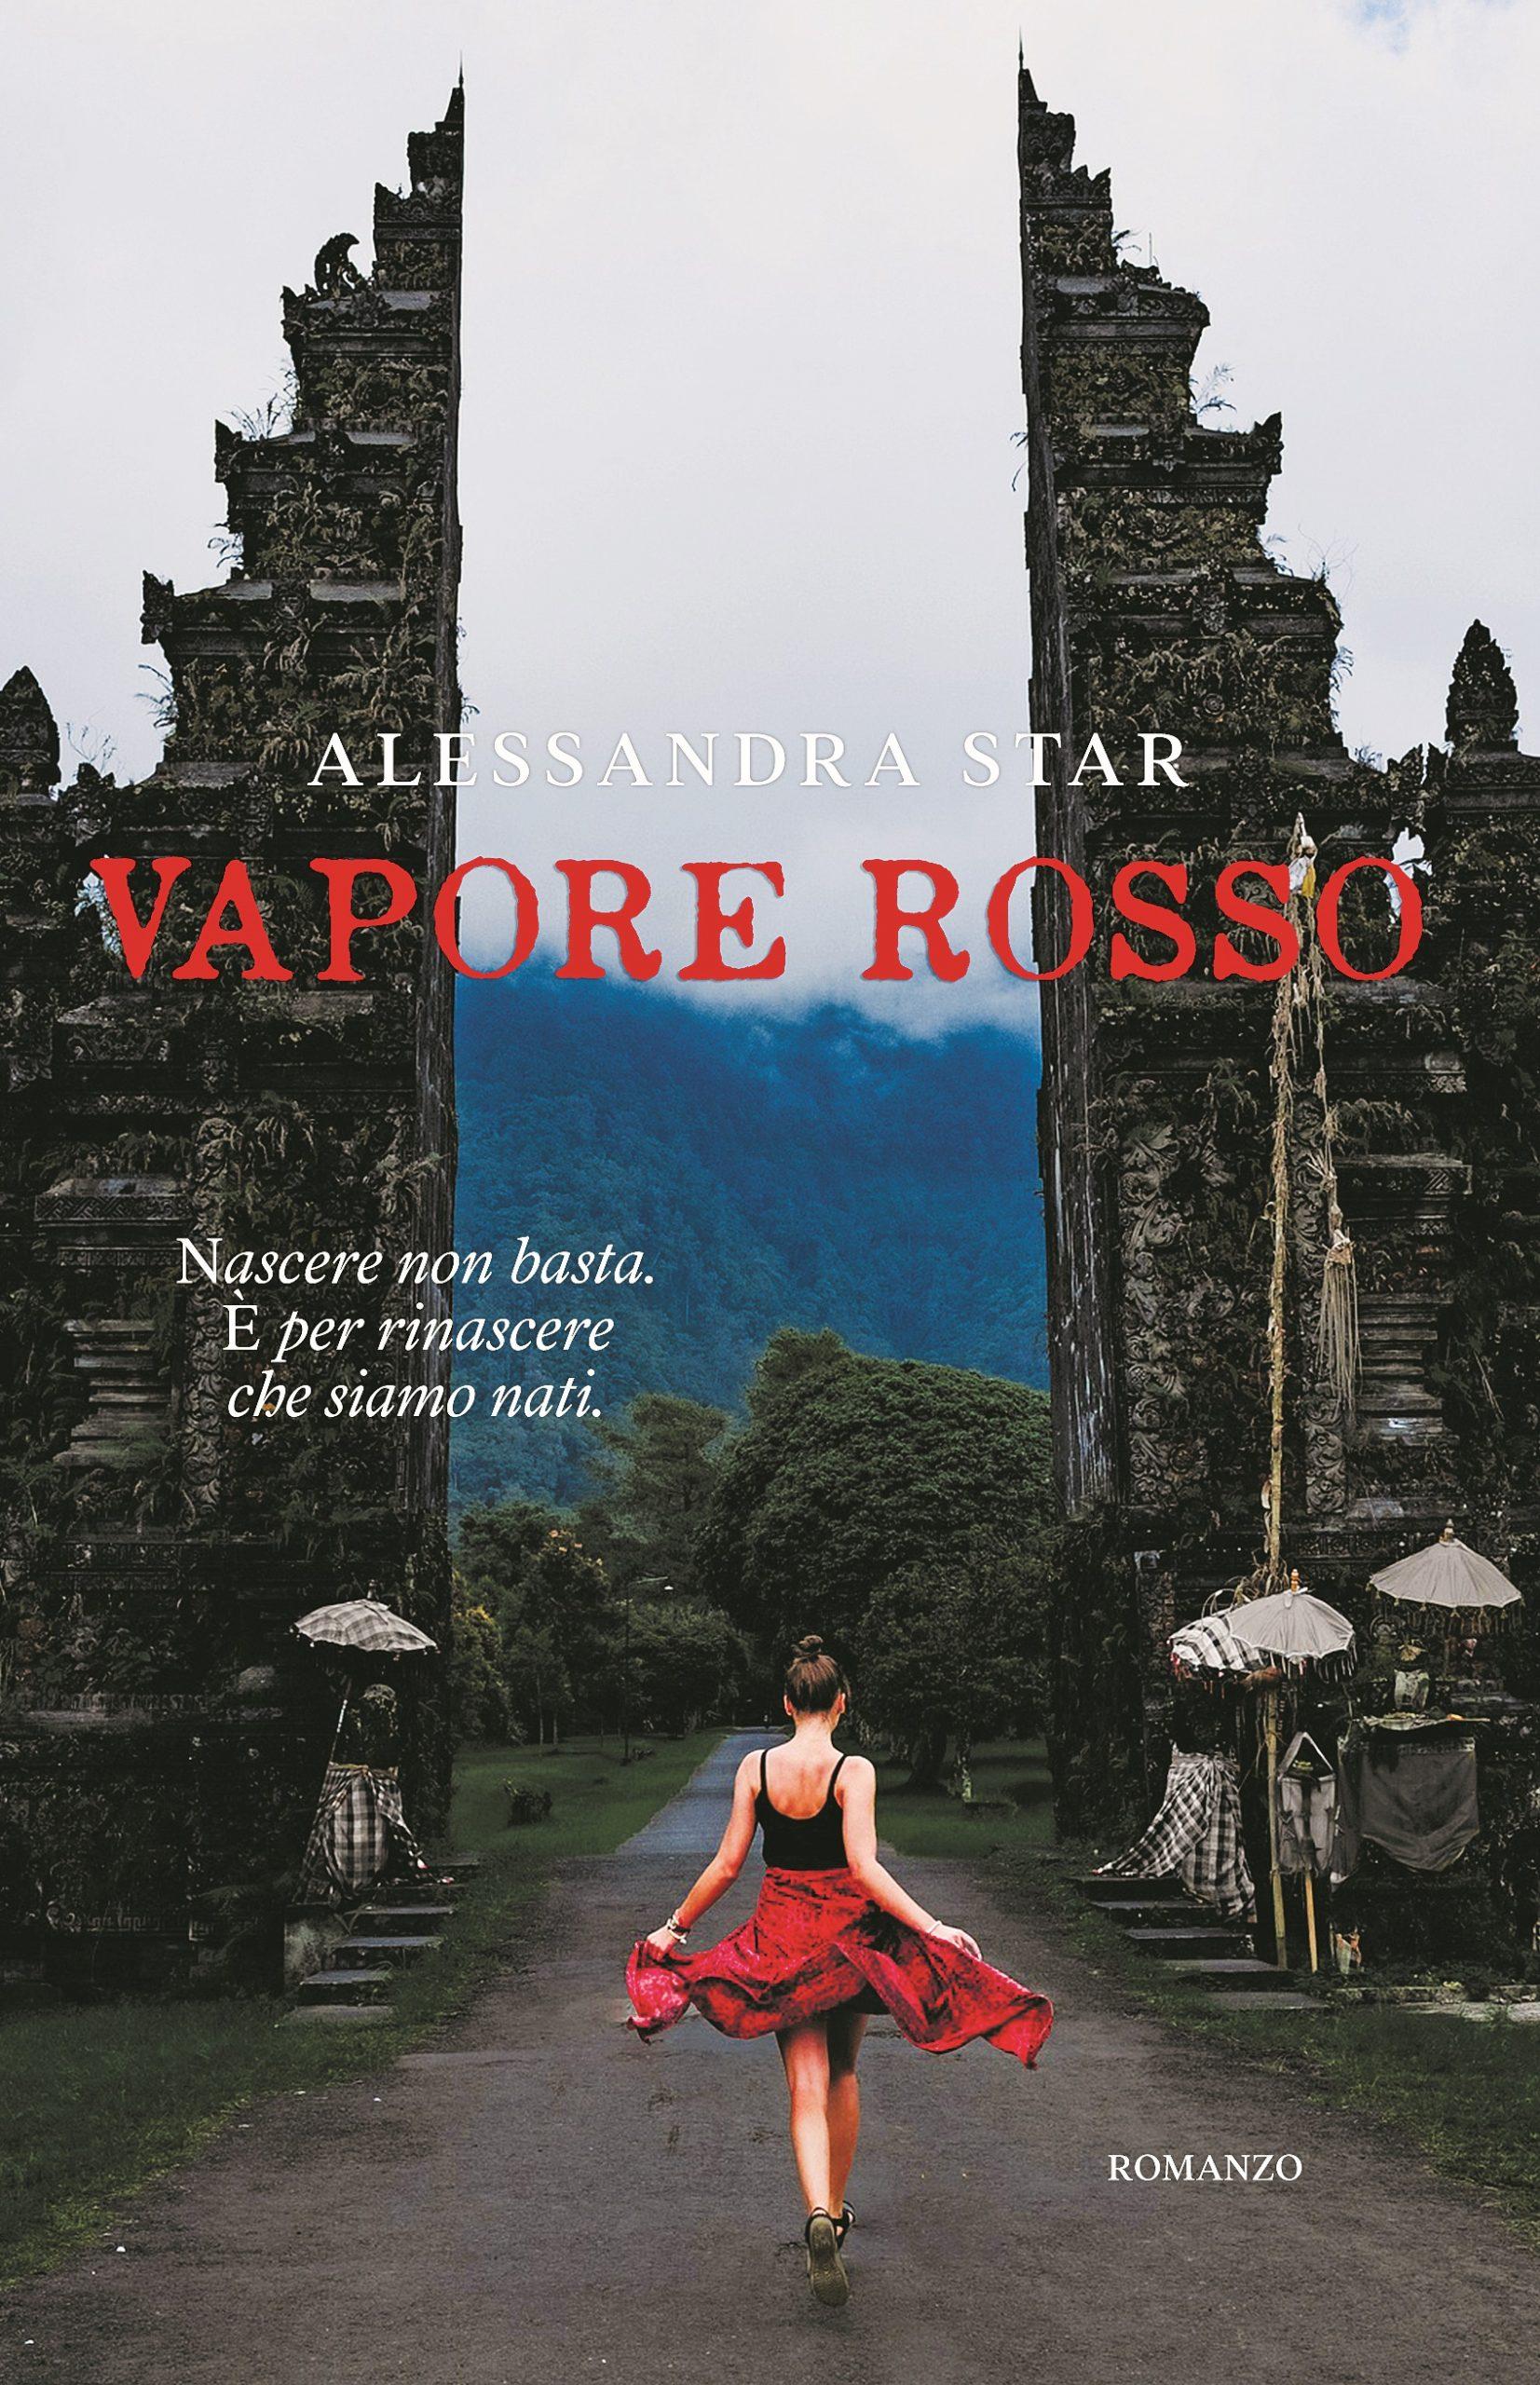 Cover Reveal: Vapore rosso